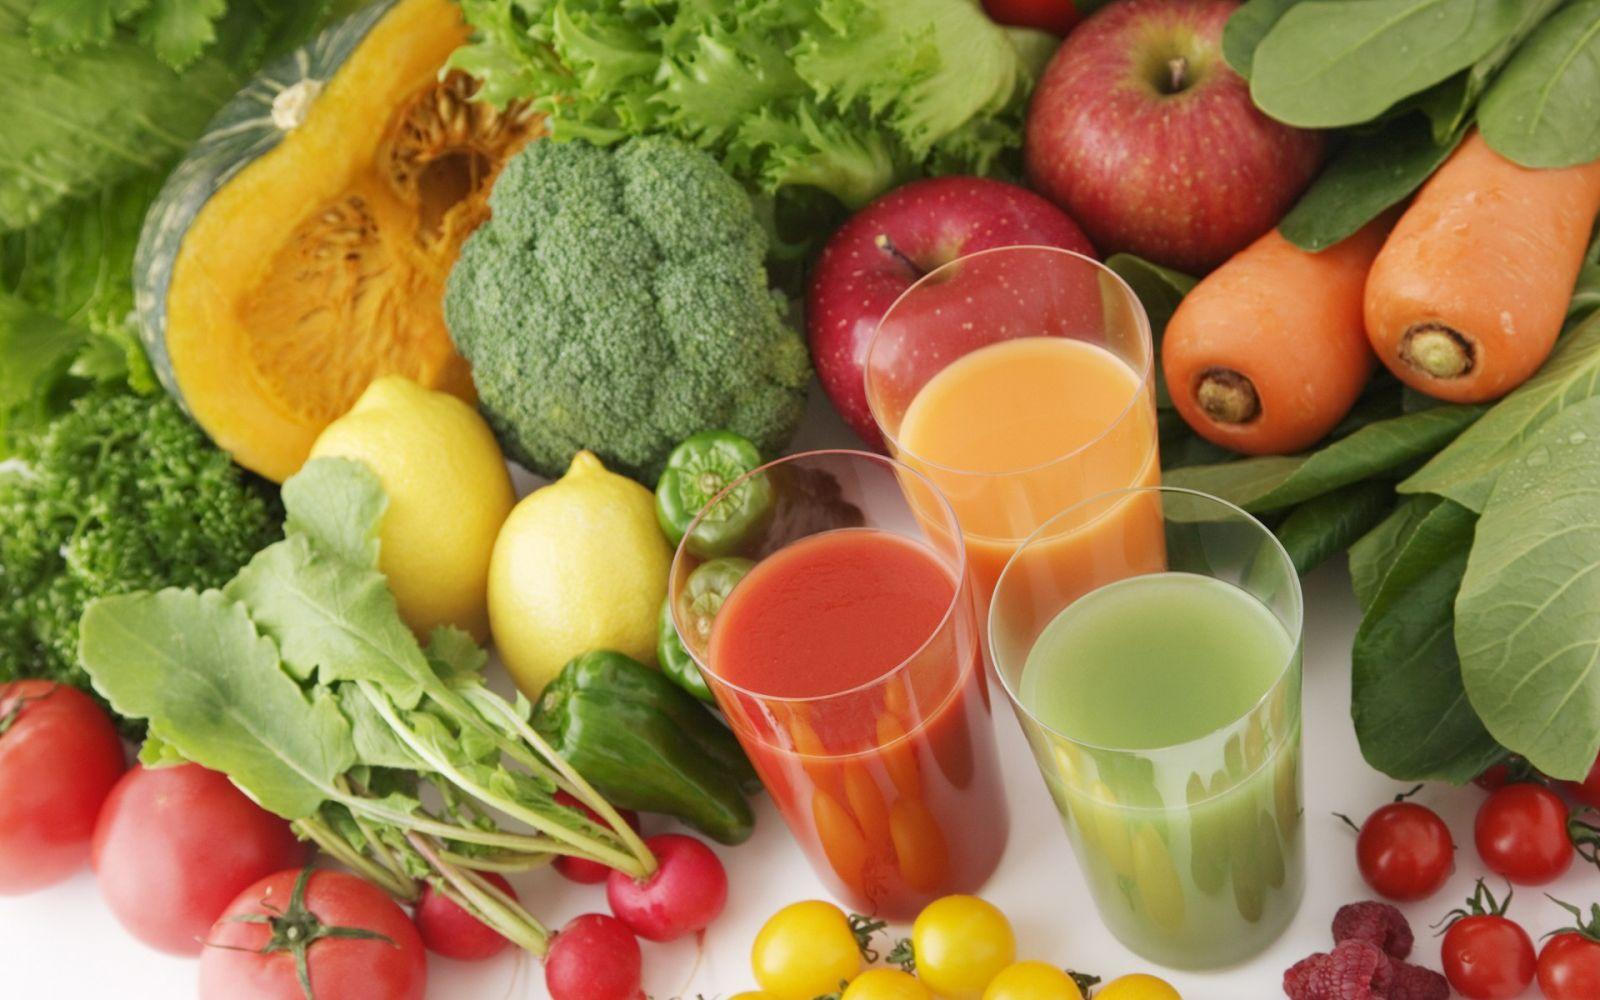 Овощи и фрукты – залог здоровья и красоты